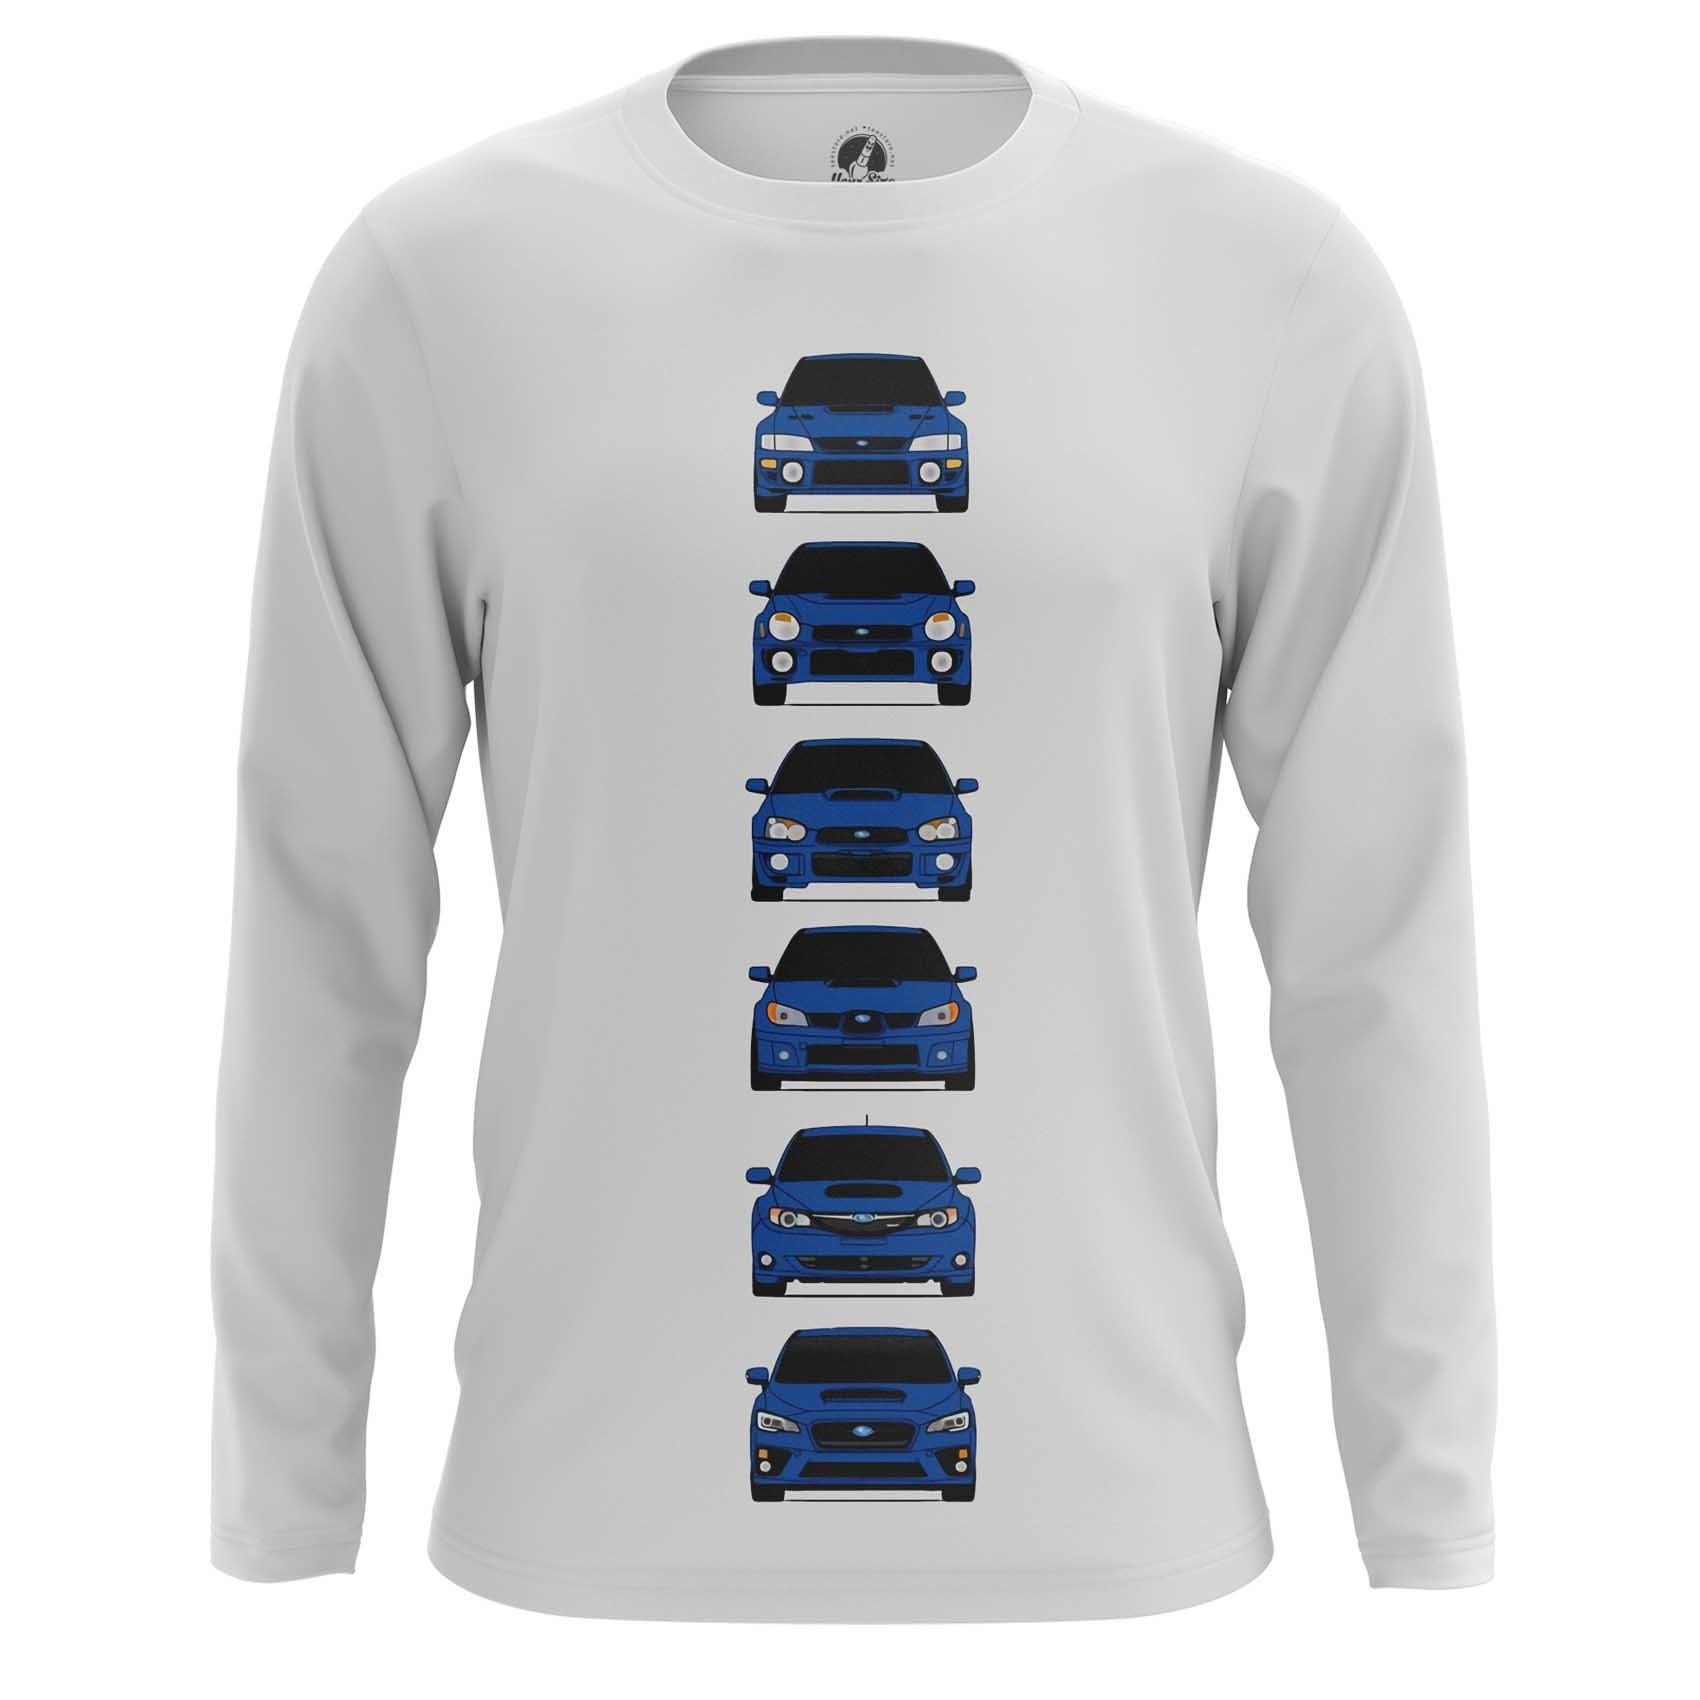 Collectibles Raglan Subaru Impreza Wrx